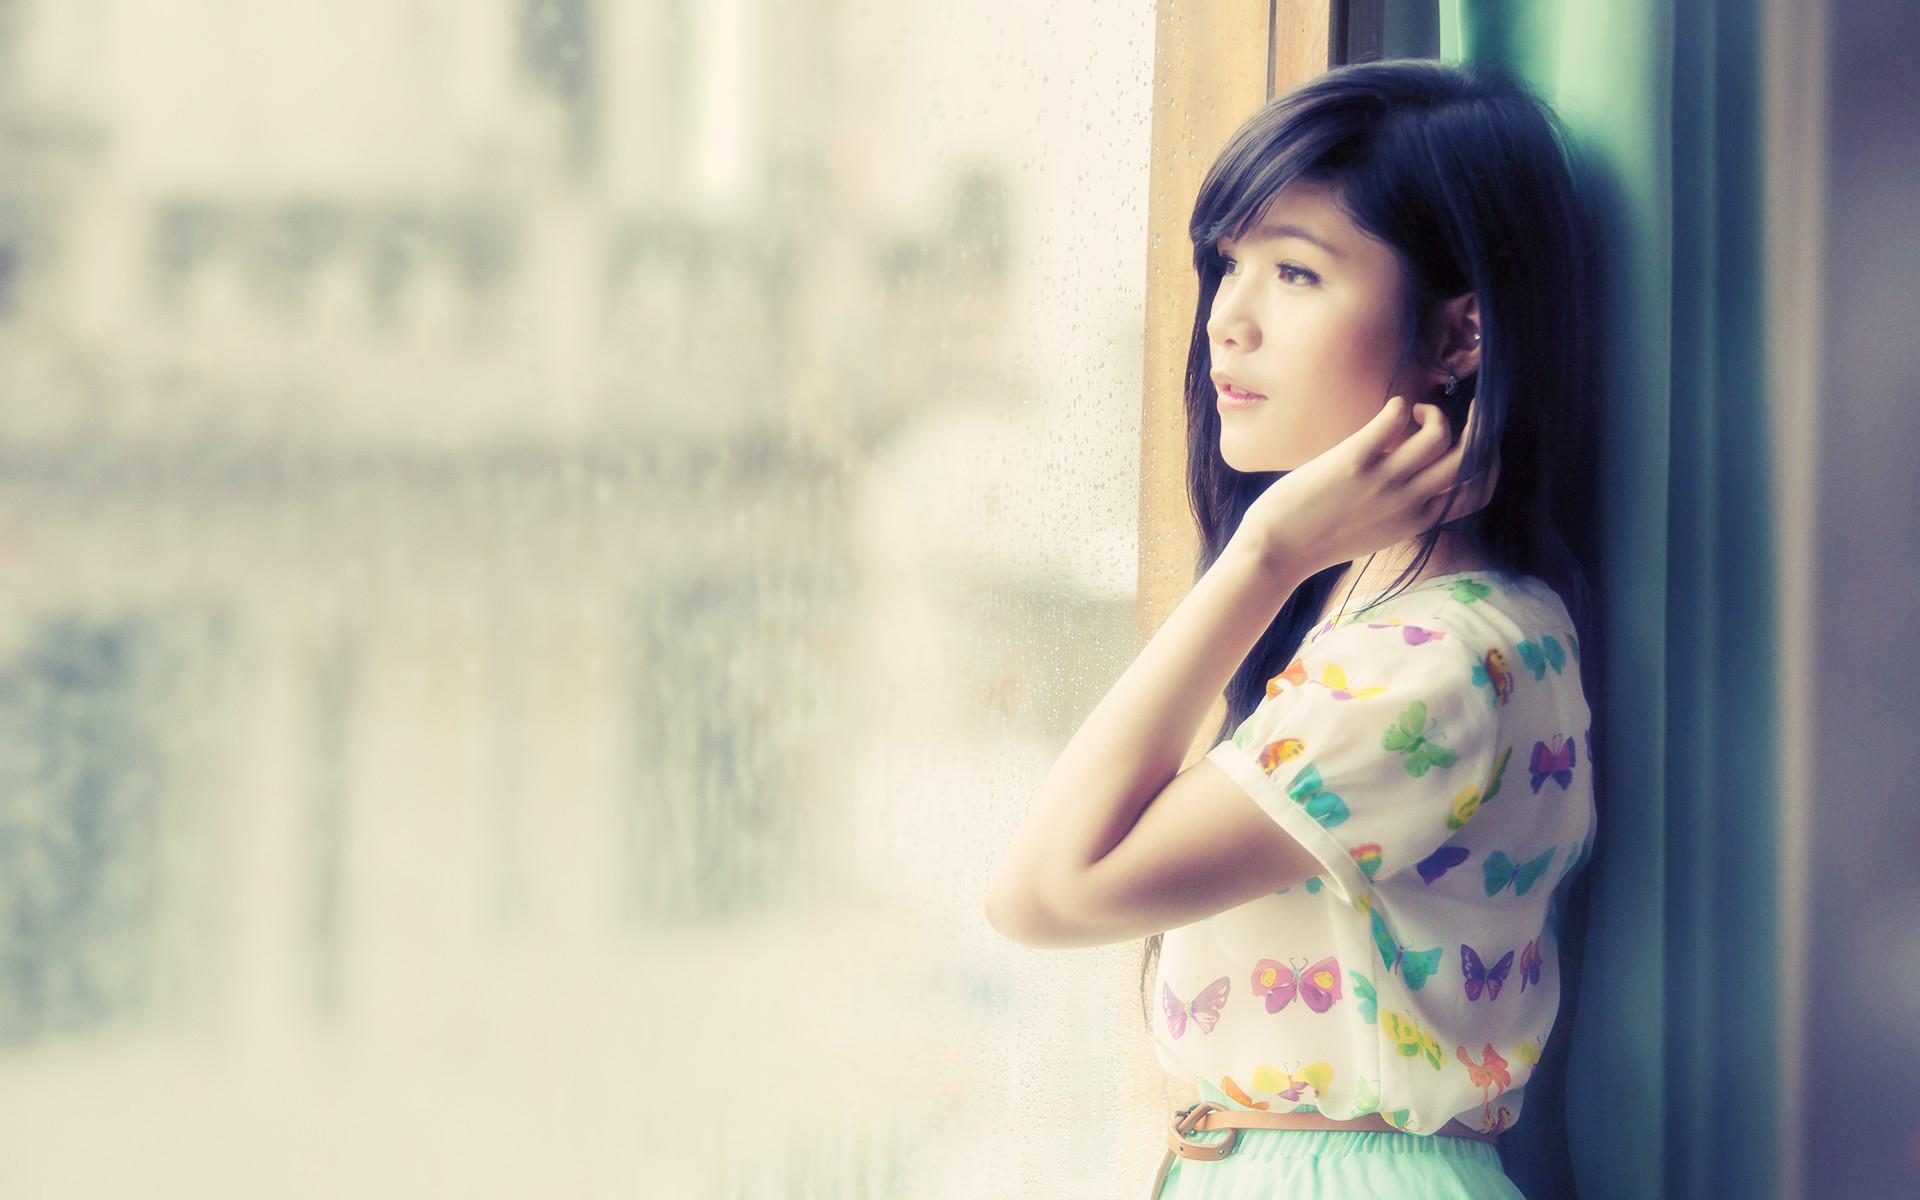 Юные девочки азиатки 8 фотография